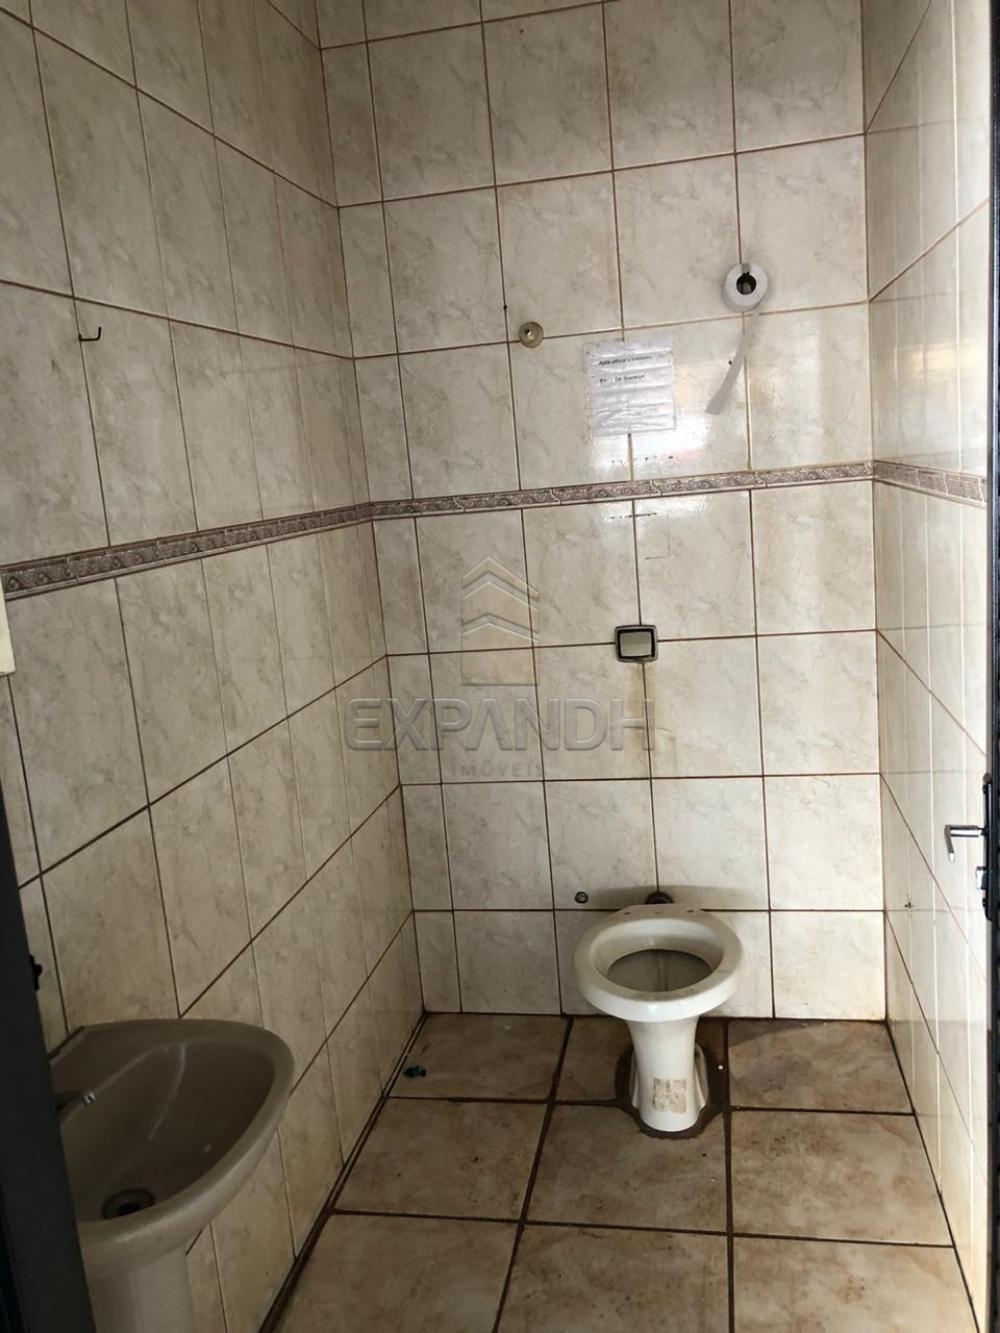 Alugar Comerciais / Salão em Sertãozinho R$ 3.200,00 - Foto 8